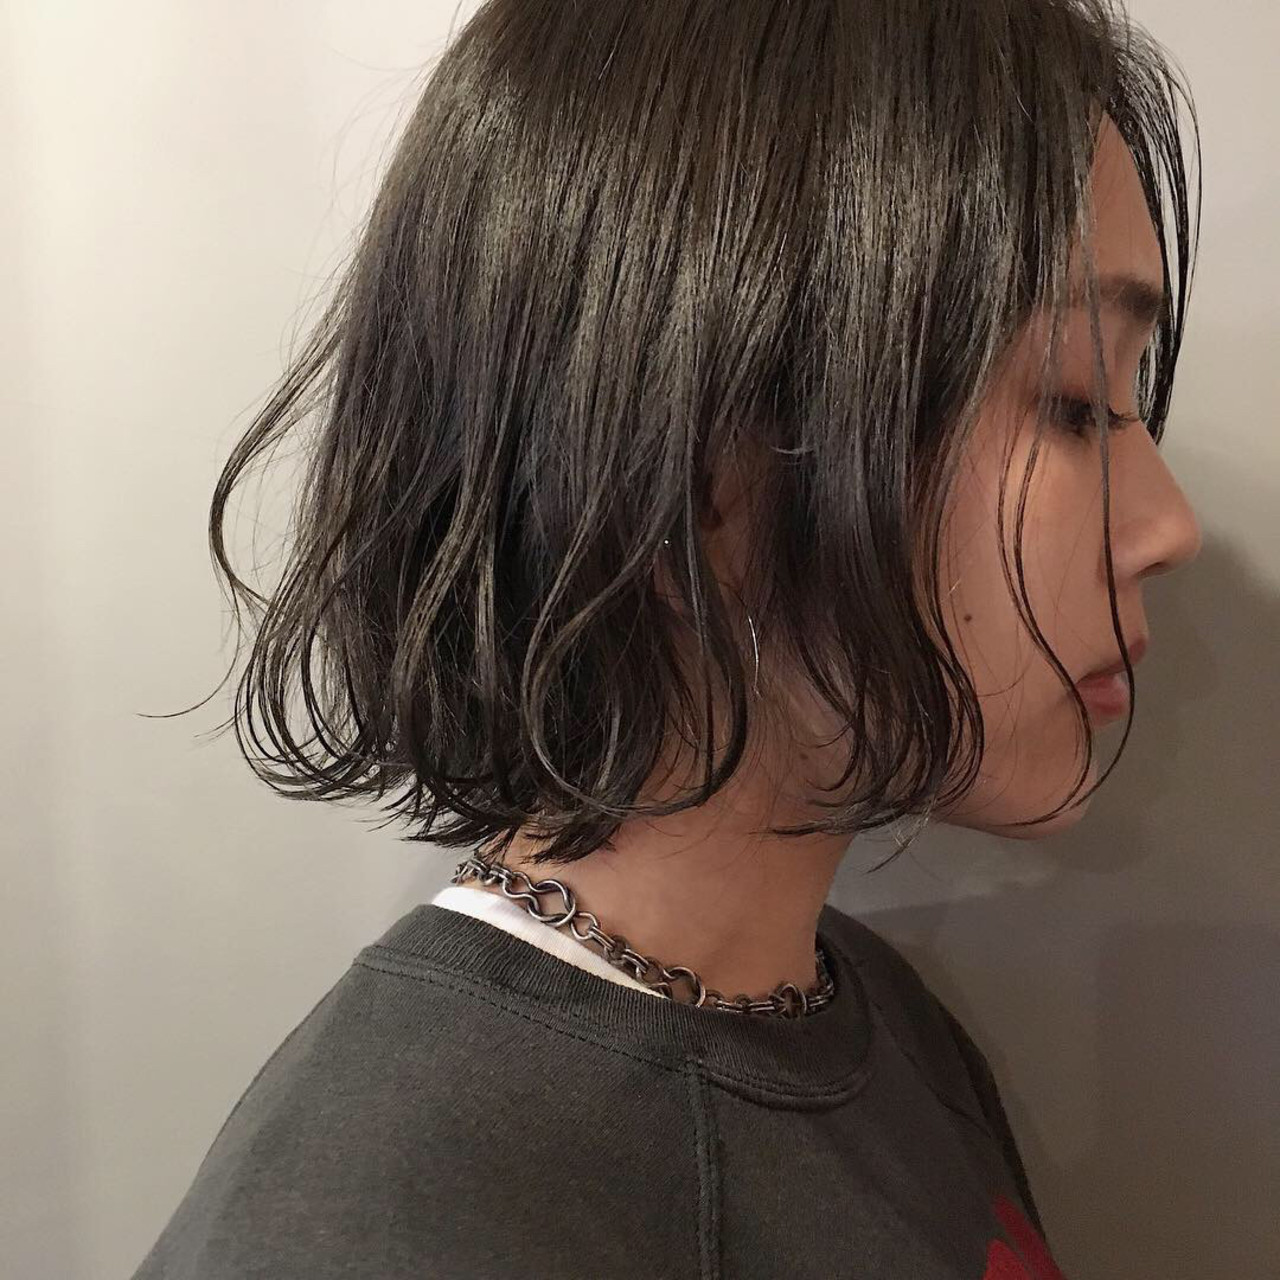 スモーキーカラー 黒髪 ミニボブ アンニュイほつれヘア ヘアスタイルや髪型の写真・画像